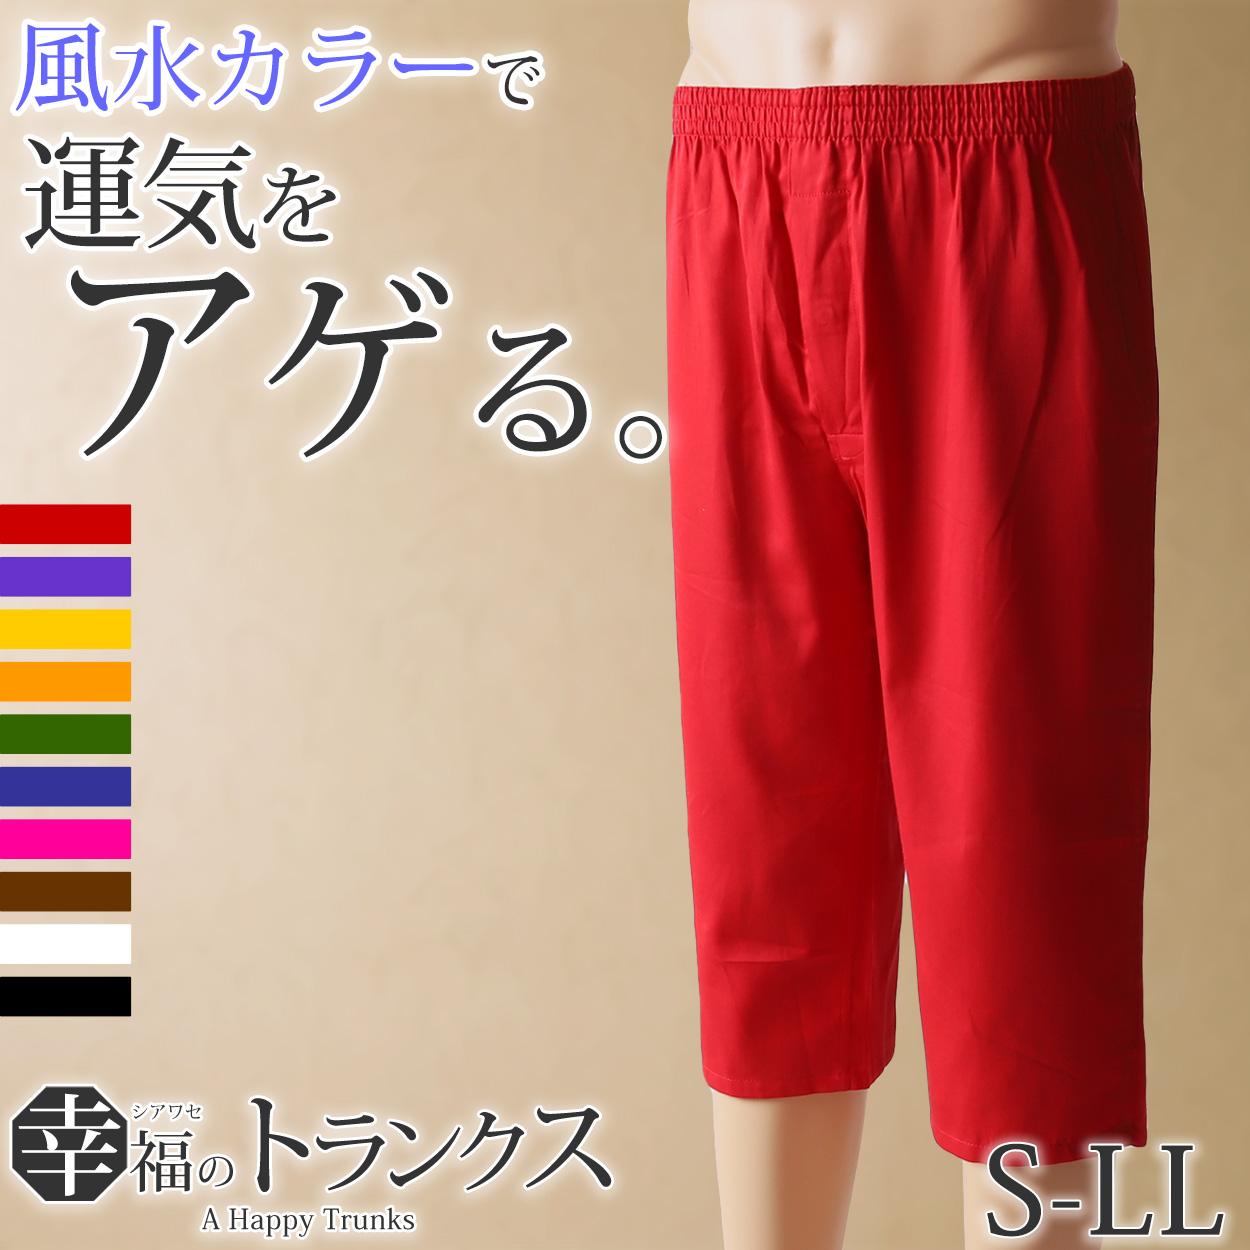 ロングトランクス 綿100% メンズ トランクス M〜3L